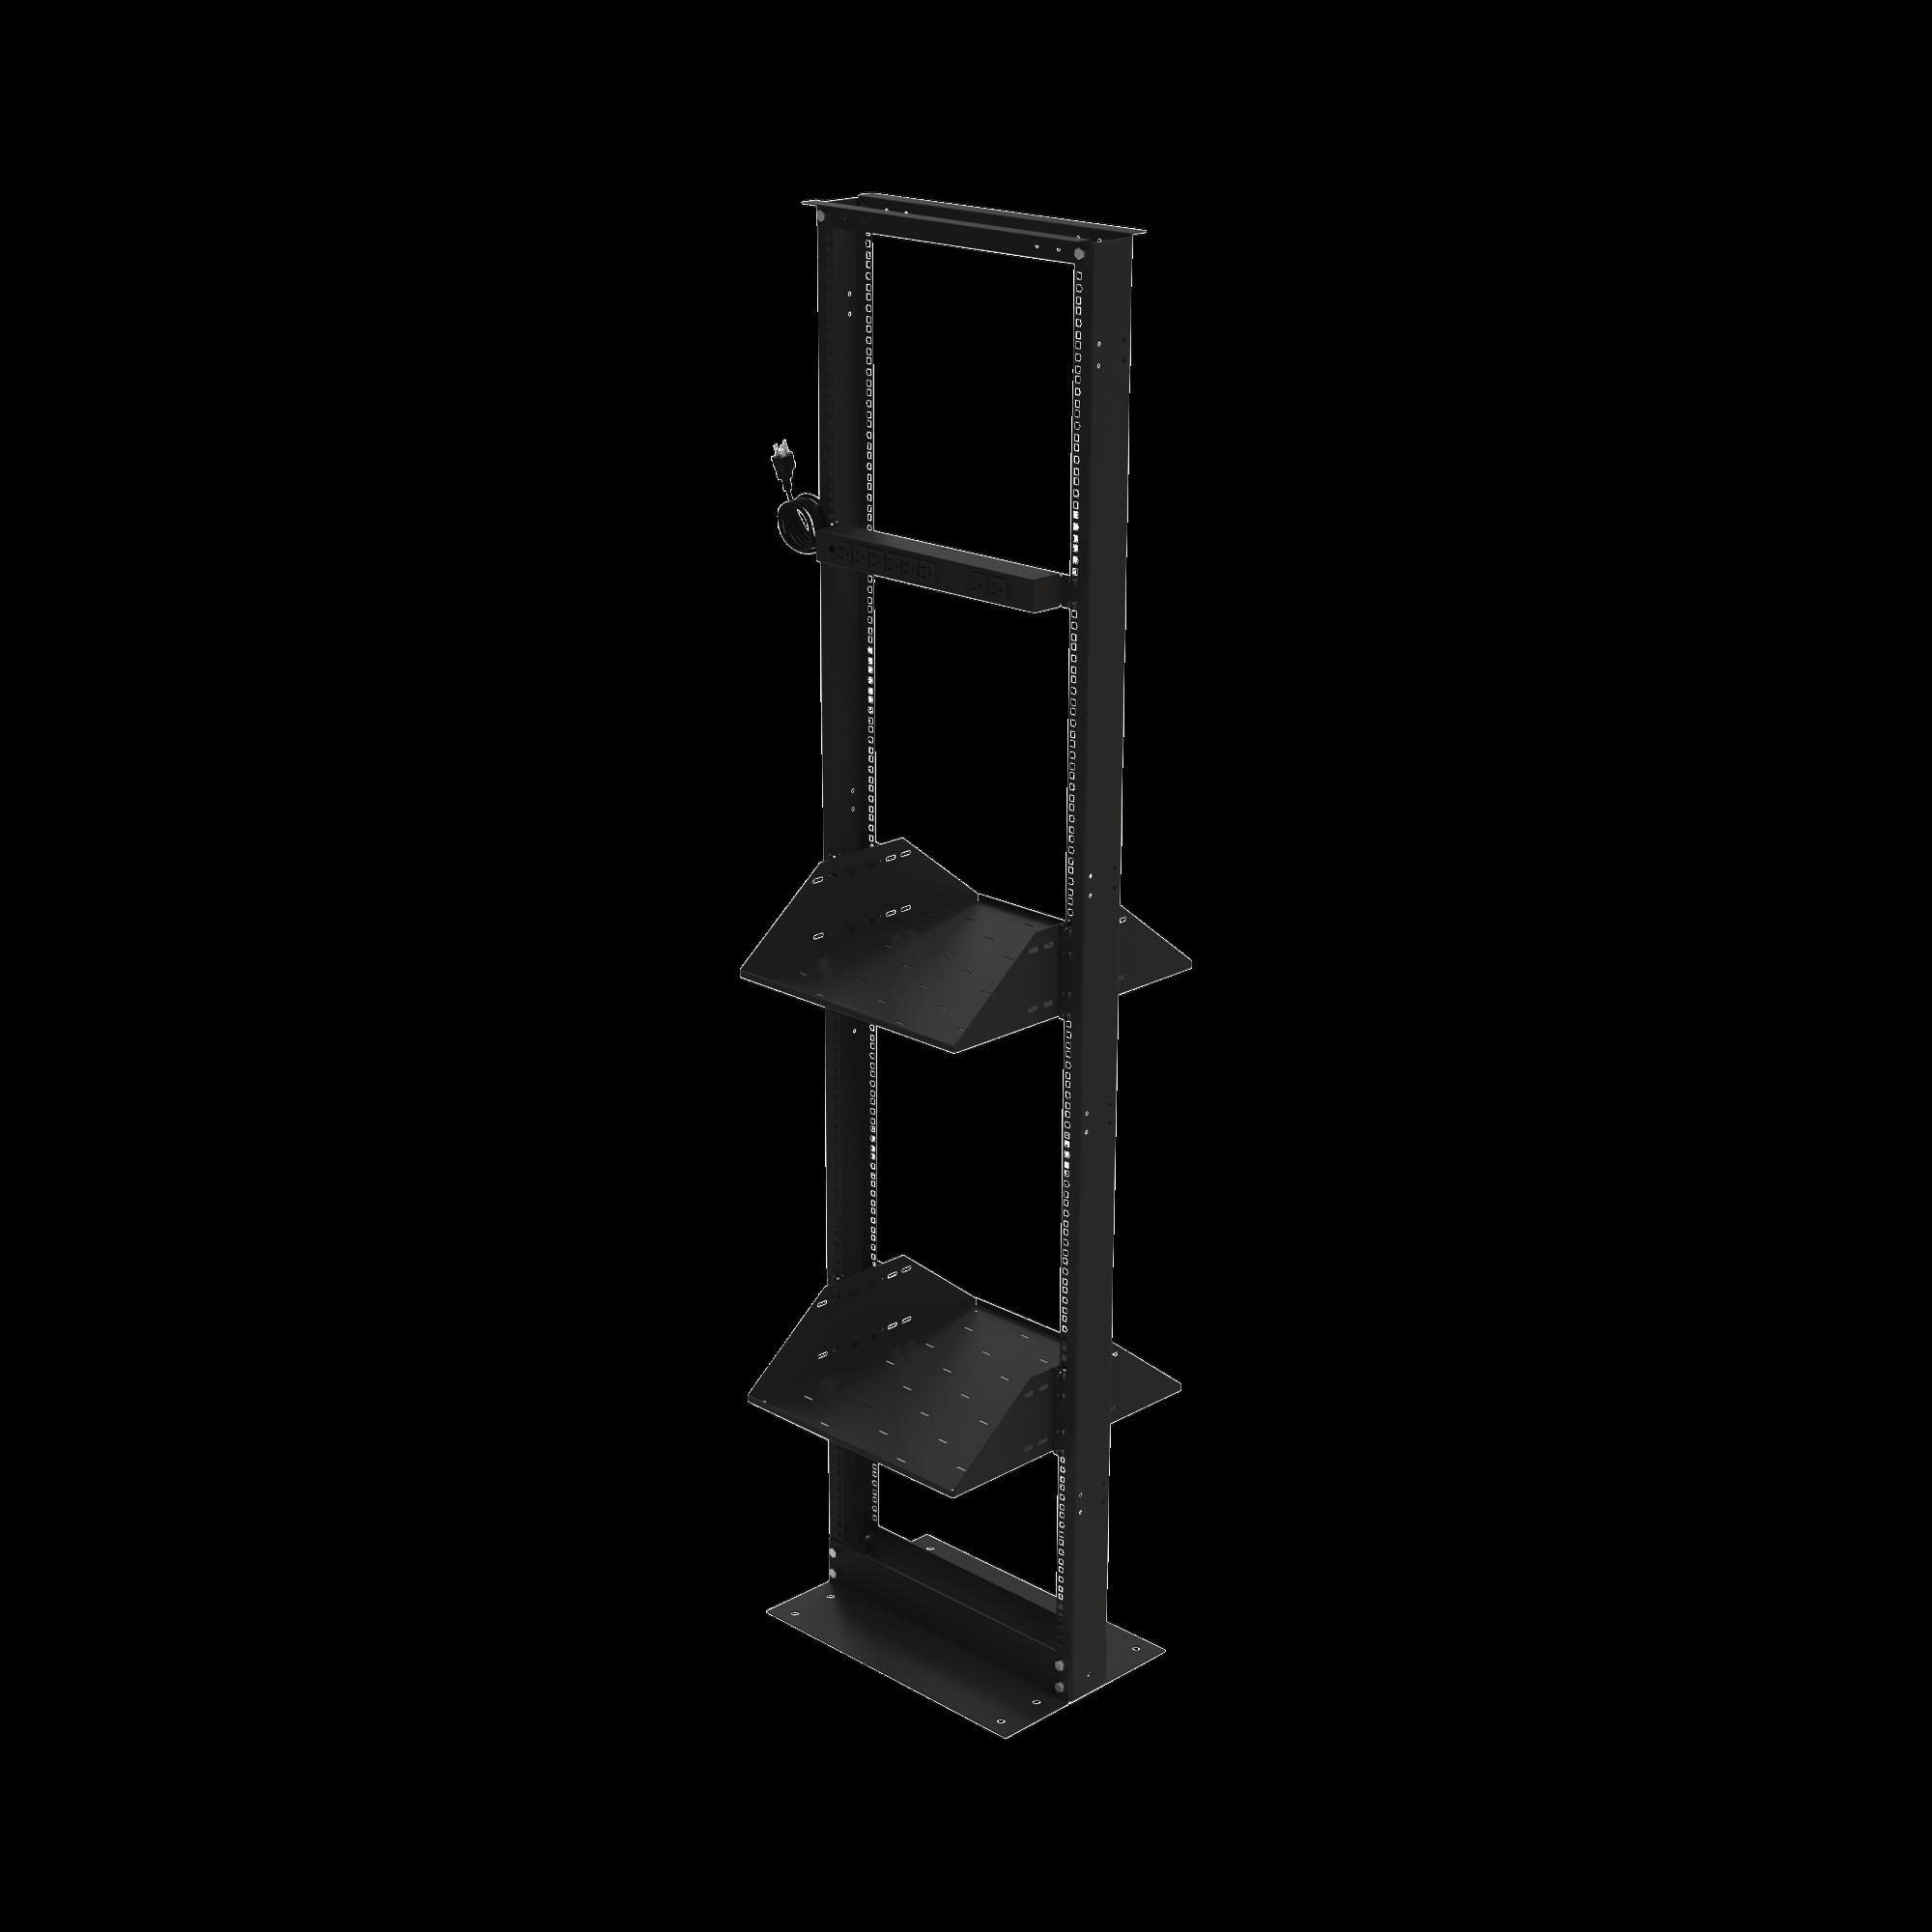 Kit de Rack Estándar 19, 45 UR con 2 Charolas  y PDU (8 tomas). Ideal para UPS y Servidores tipo Torre.